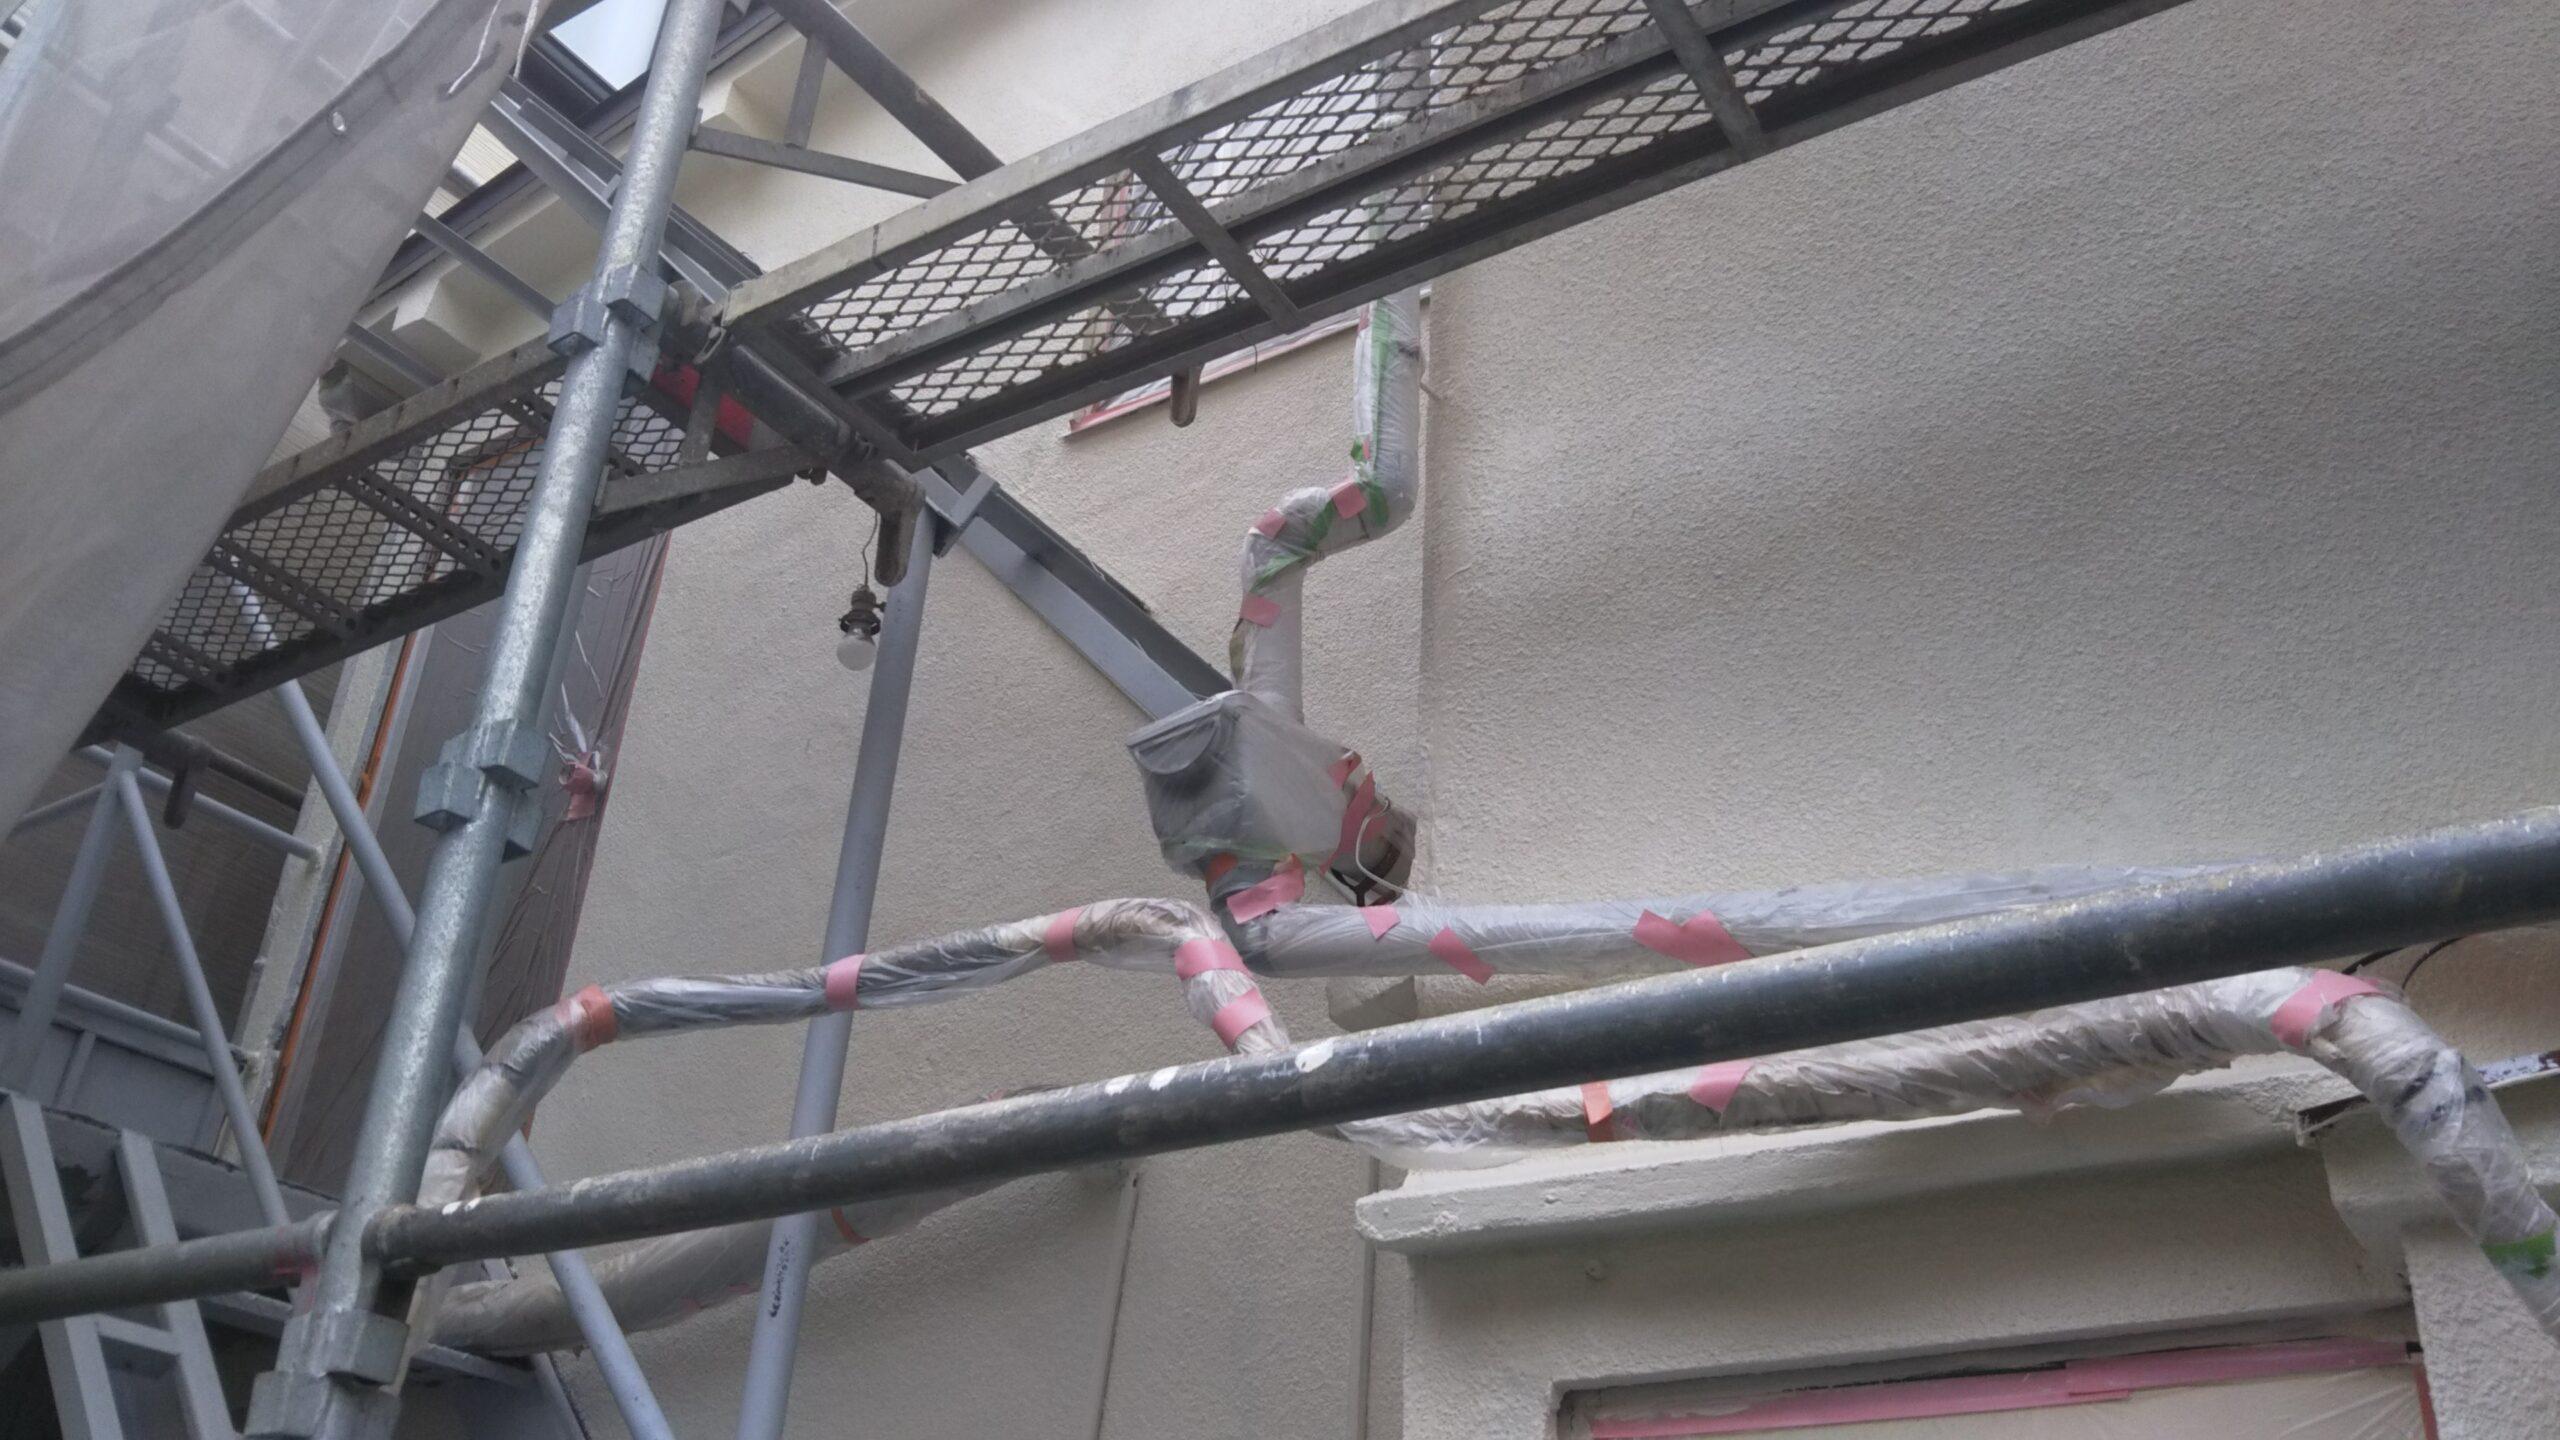 埼玉県さいたま市桜区のF様邸(木造2階建て)にて外壁の仕上げ塗装と屋根の塗装